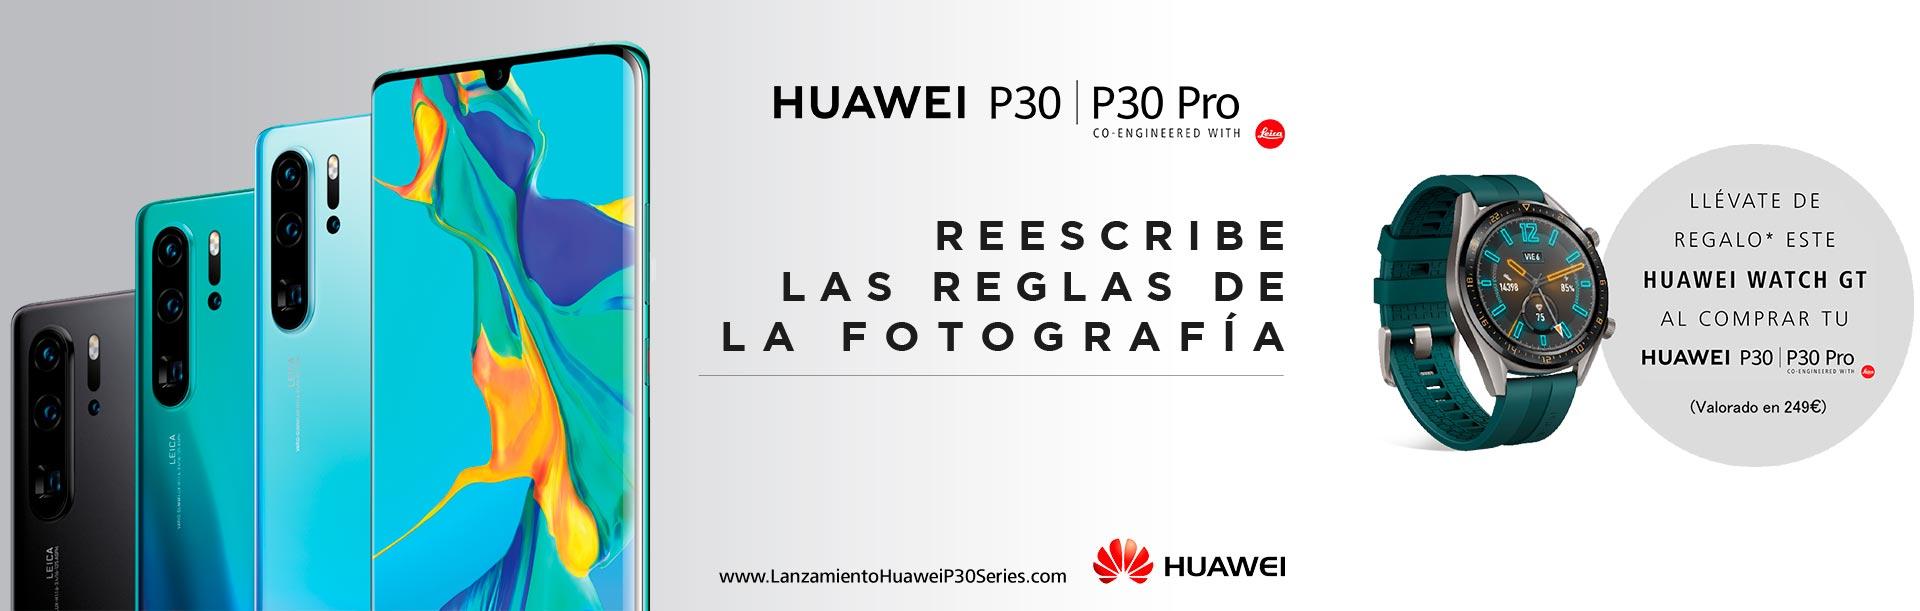 Hazte ahora con el nuevo Huawei P30 o Huawei P30 Pro y llévatelo con un Huawei Watch GT de regalo